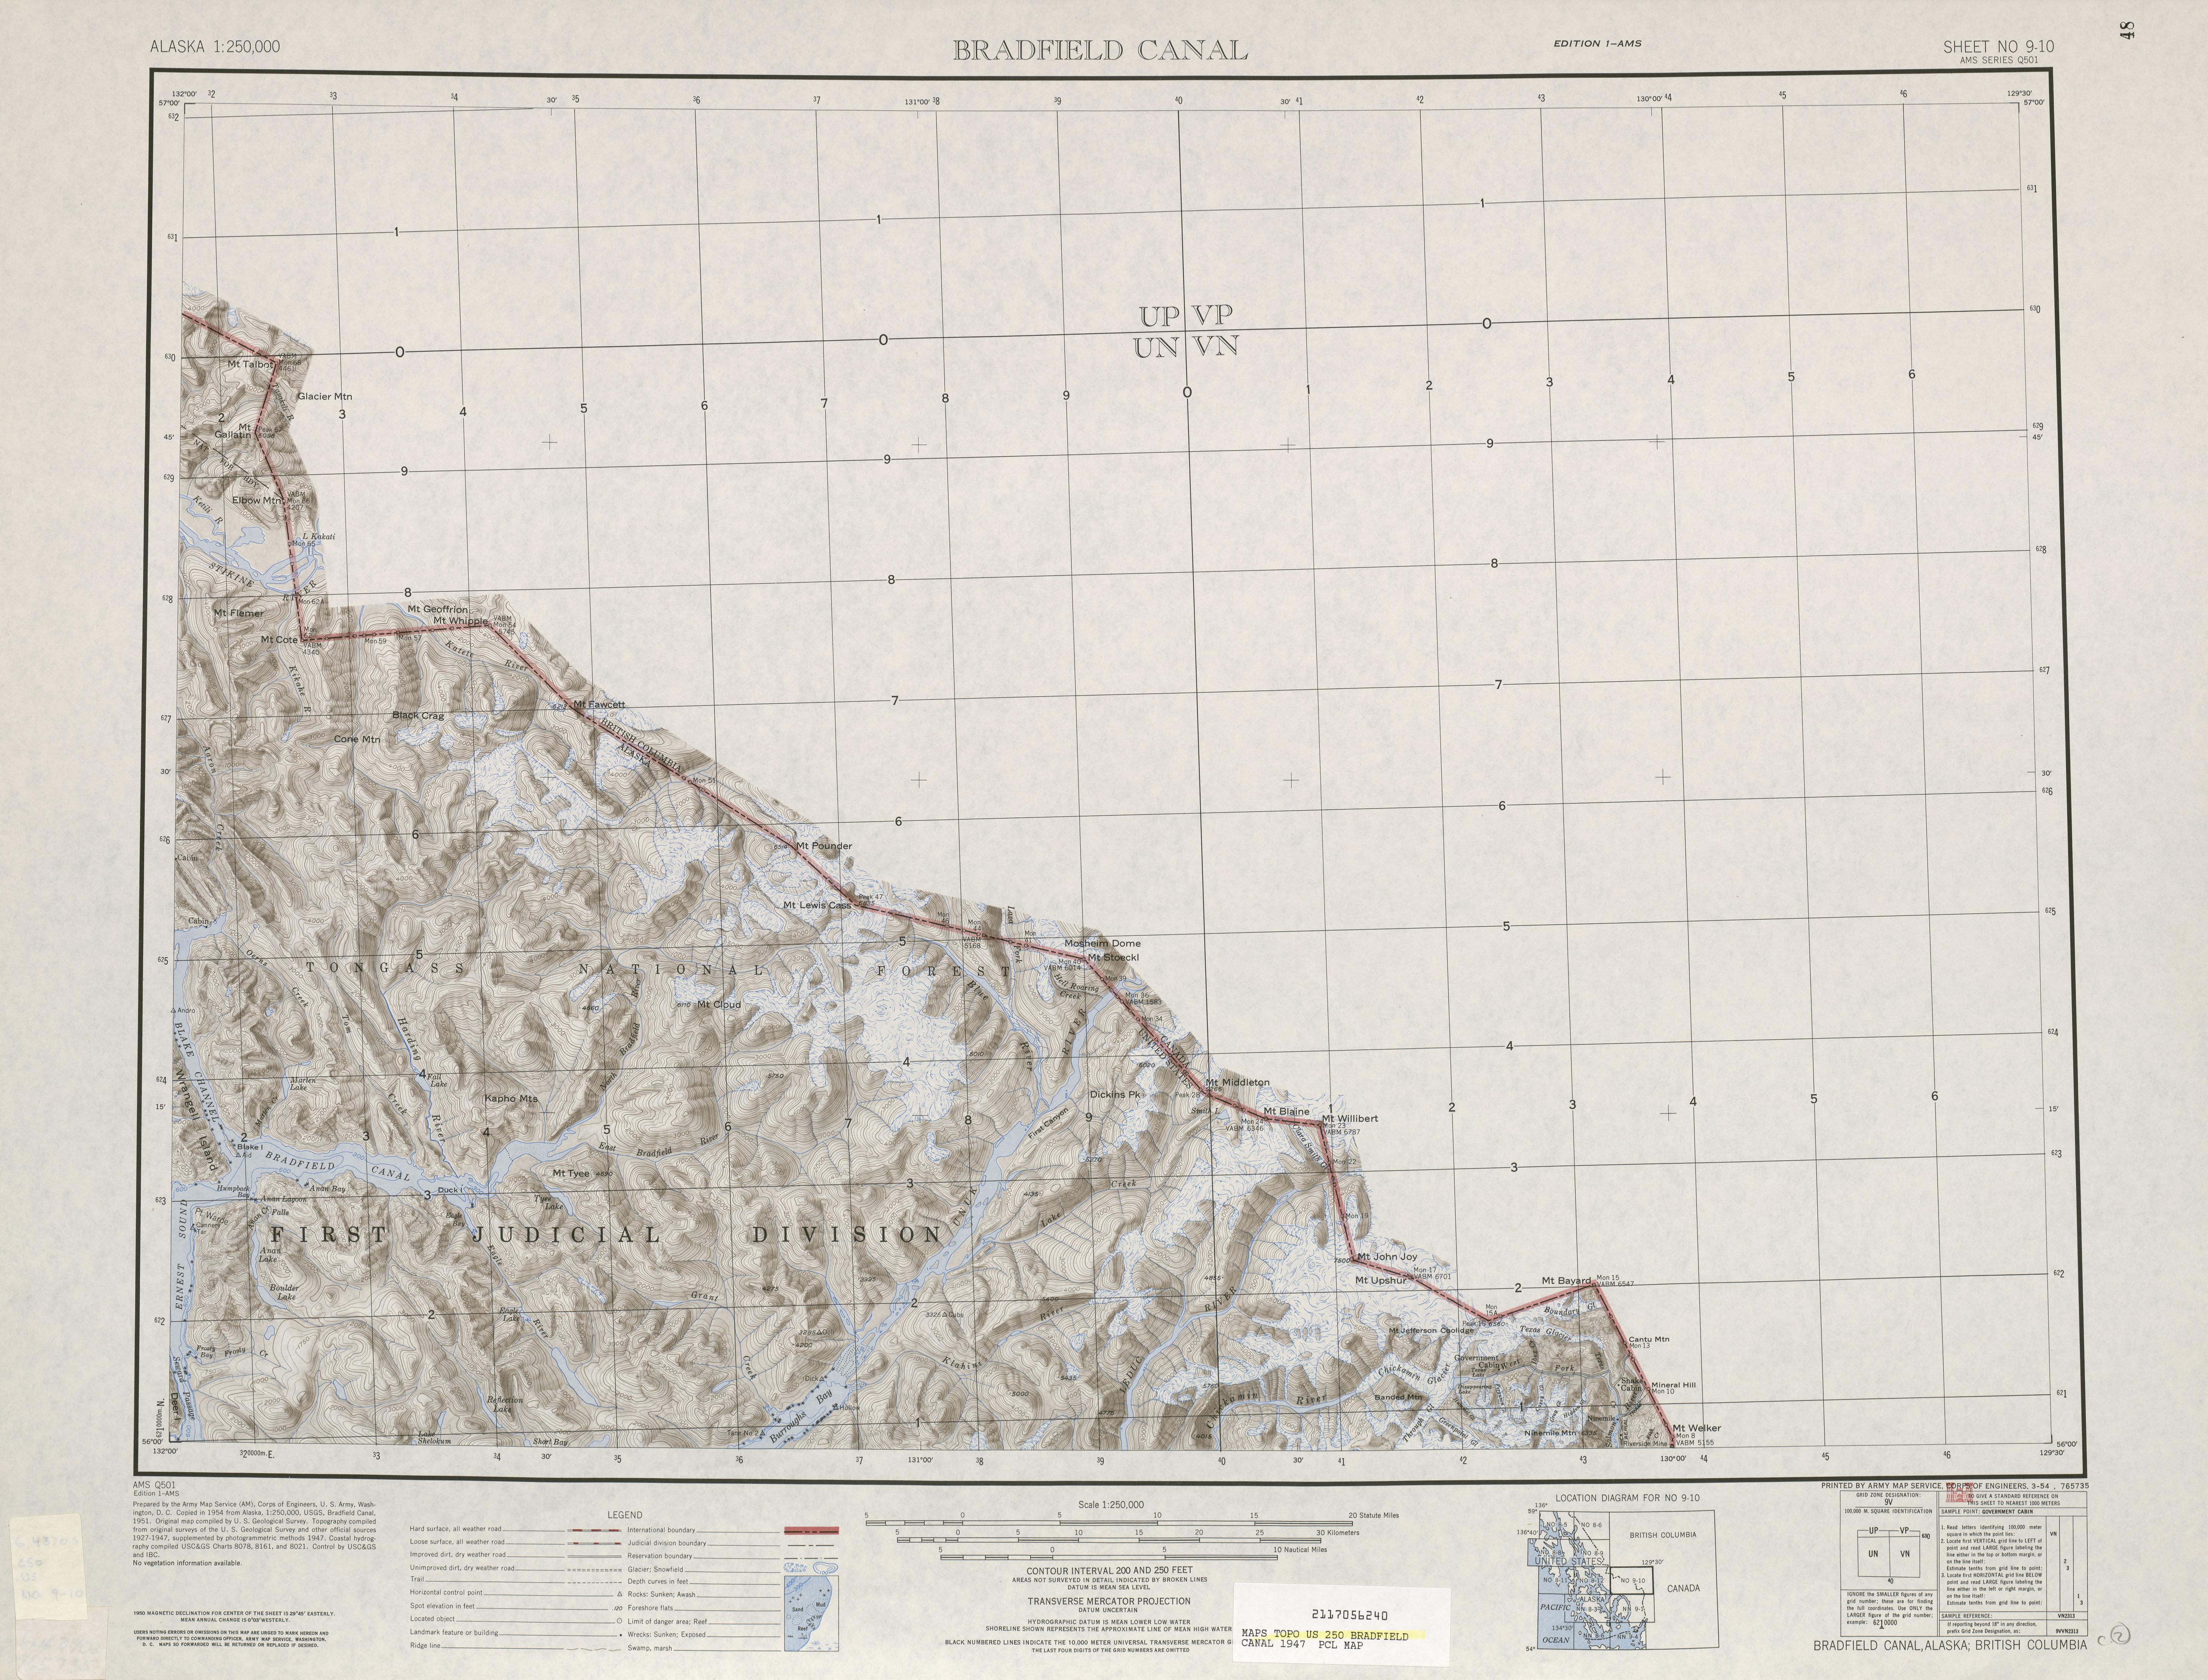 Hoja Bradfield Canal del Mapa de Relieve Sombreado de los Estados Unidos 1947